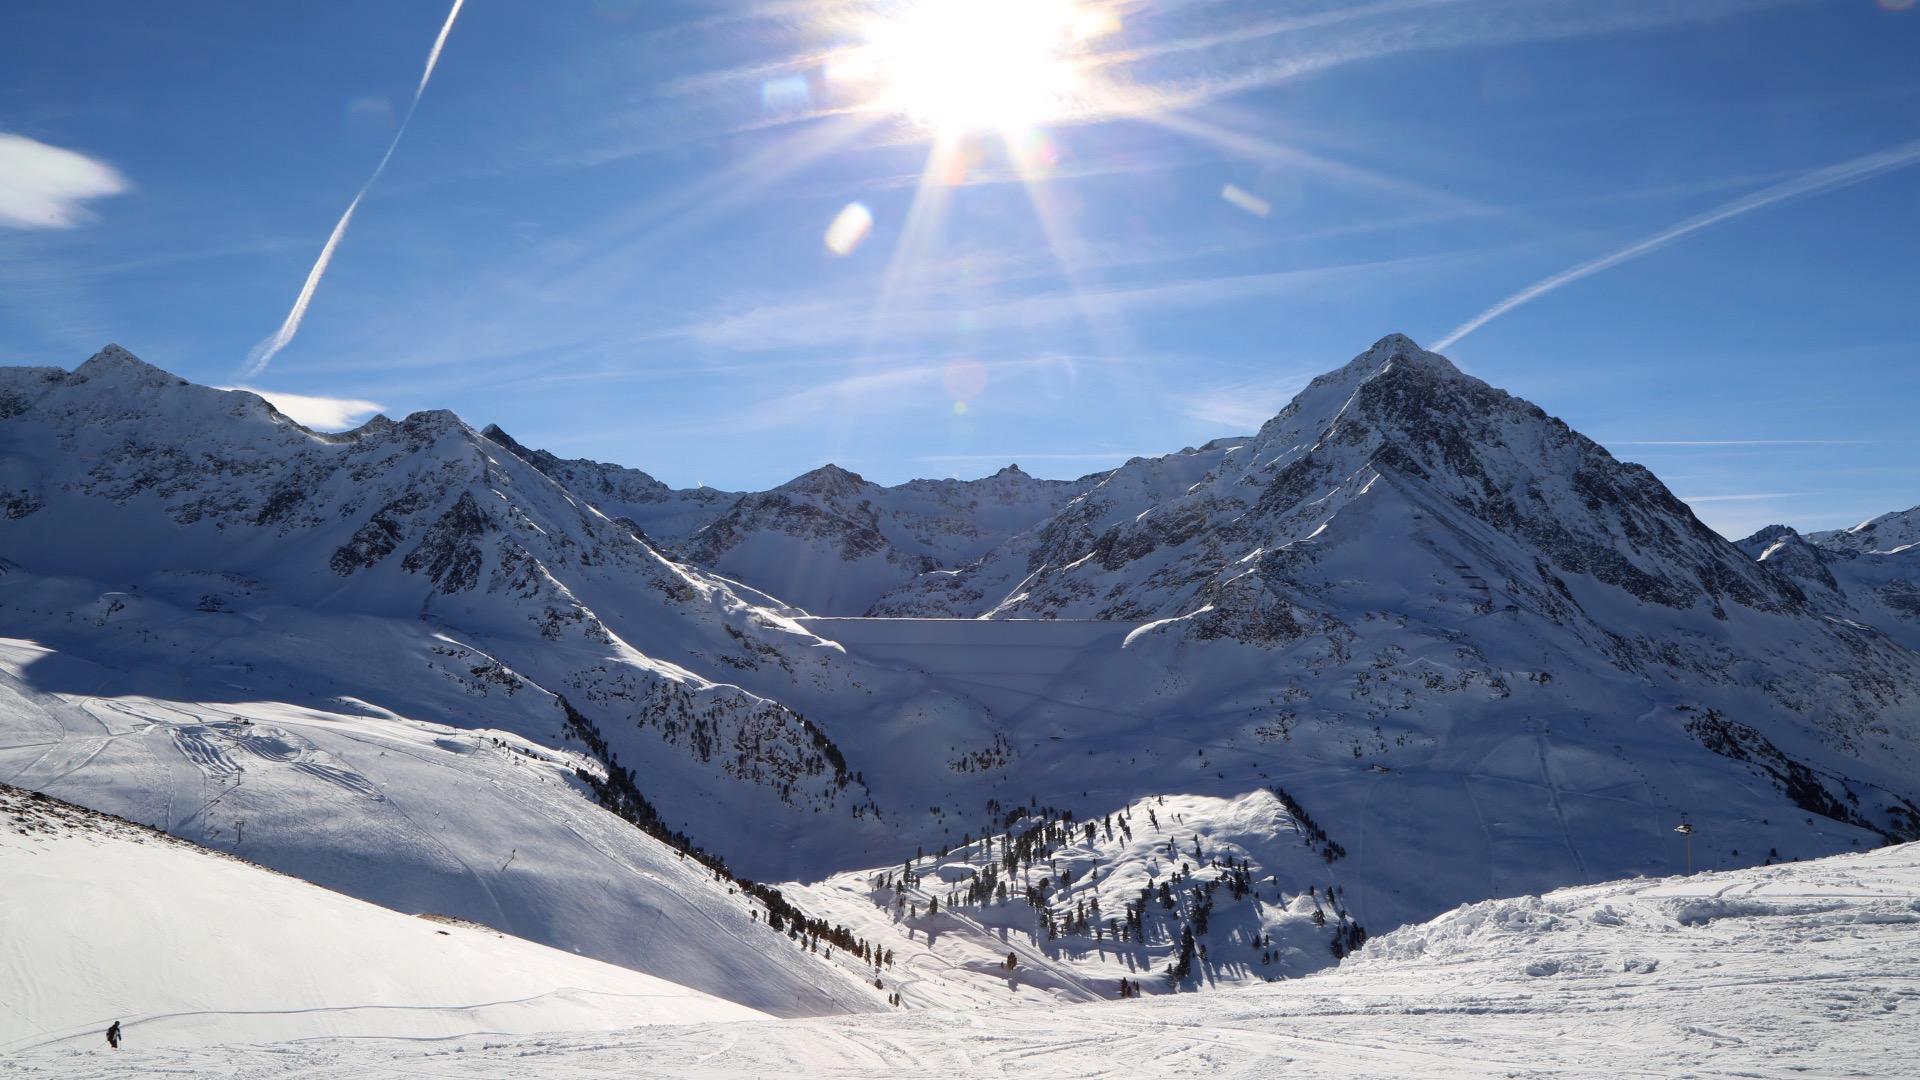 Die Skigebiete Kühtai und Hochoetz könnten mit drei Seilbahnen verbunden werden.